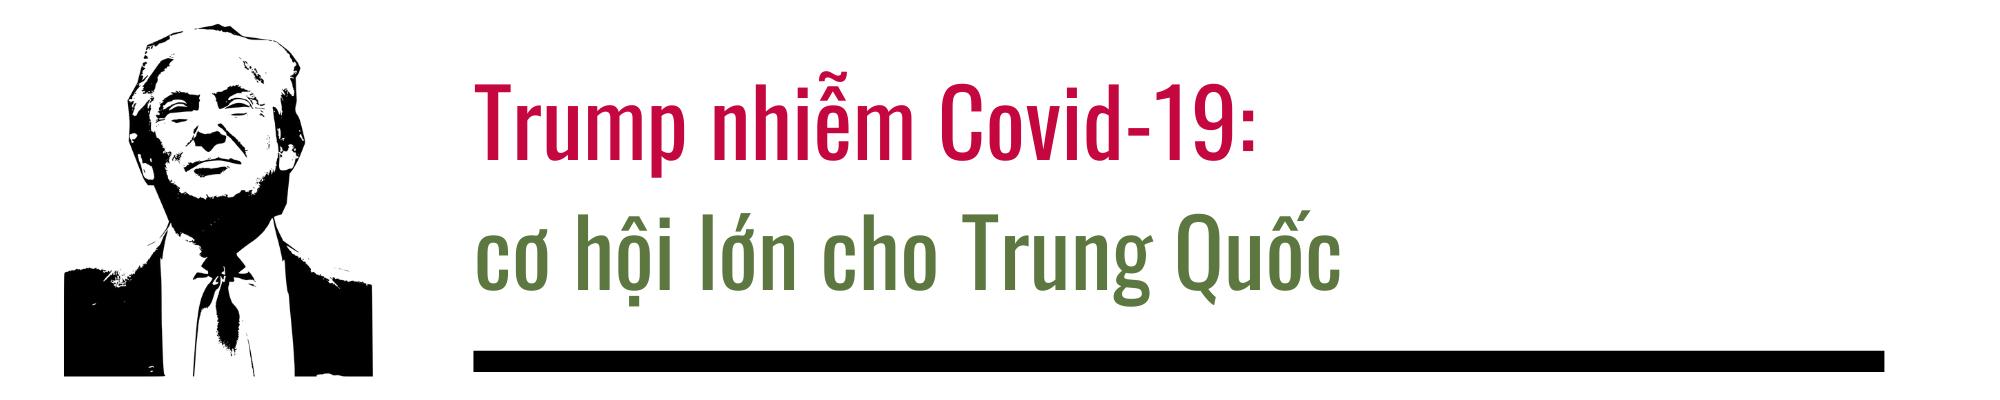 TT Trump nhiễm Covid-19: cử tri quay lưng, Trung Quốc ăn mừng và nỗi buồn của kinh tế Mỹ - Ảnh 5.